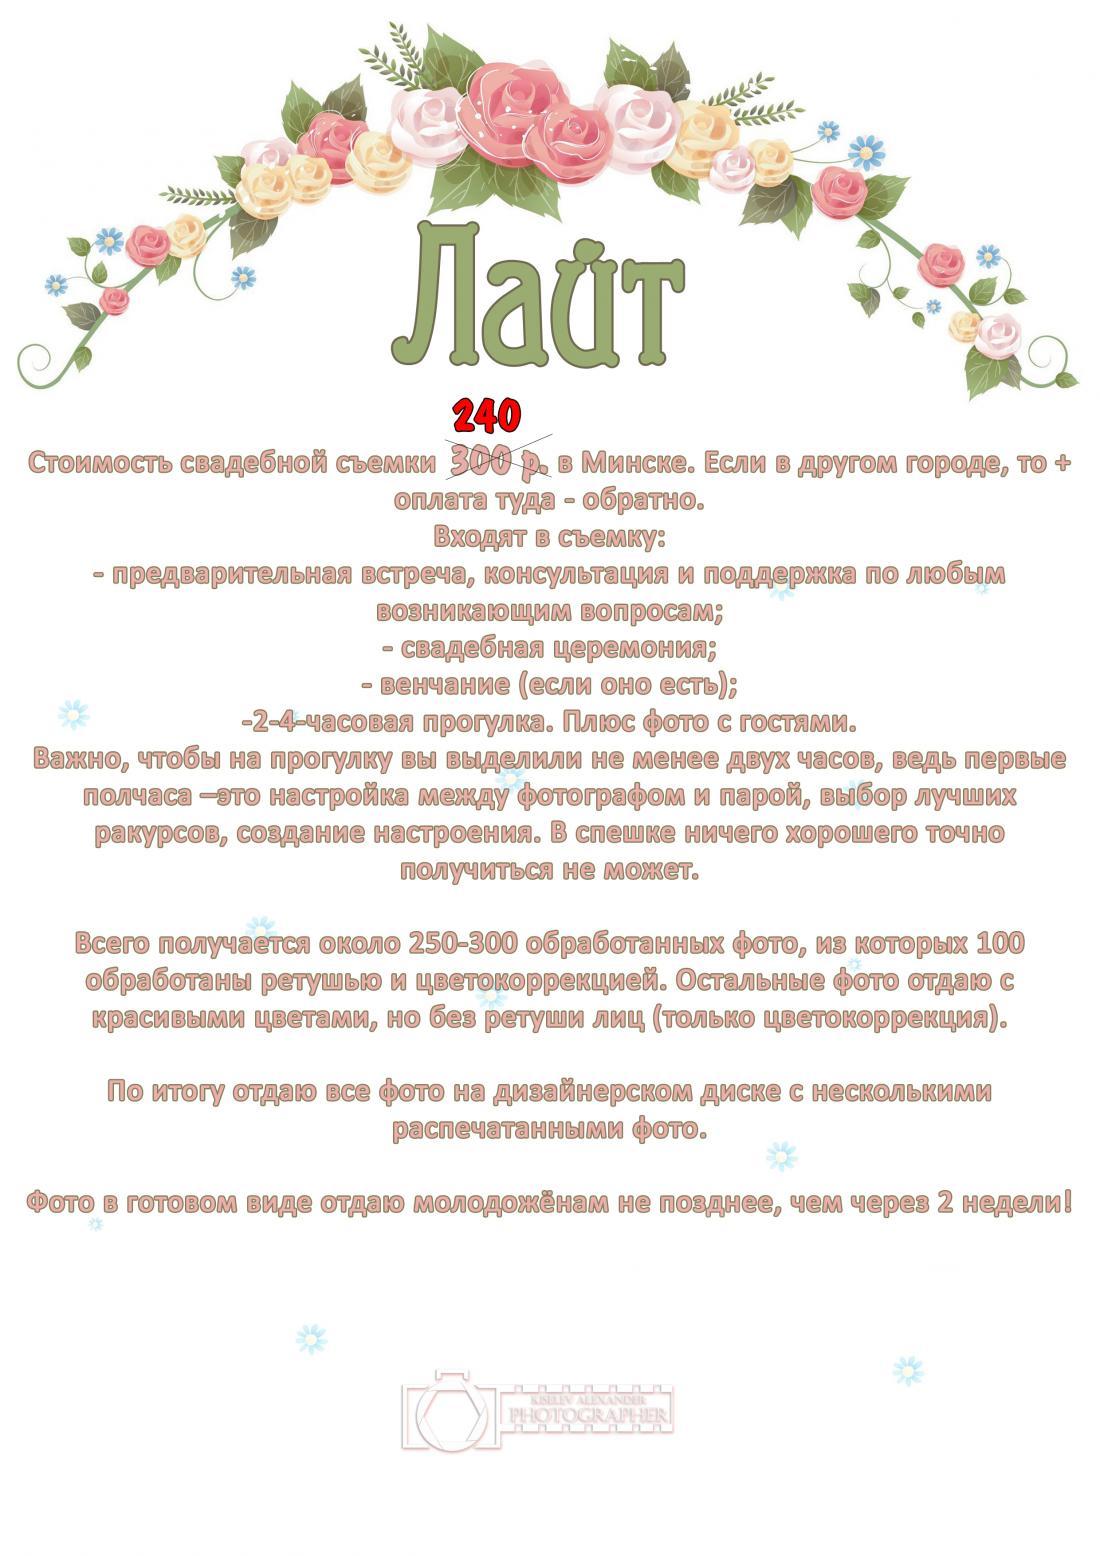 Фотосессии всего от 30 руб./ч, свадебная фотосессия от 240 руб., подарочные сертификаты, распечатка фото от 0,25 руб.